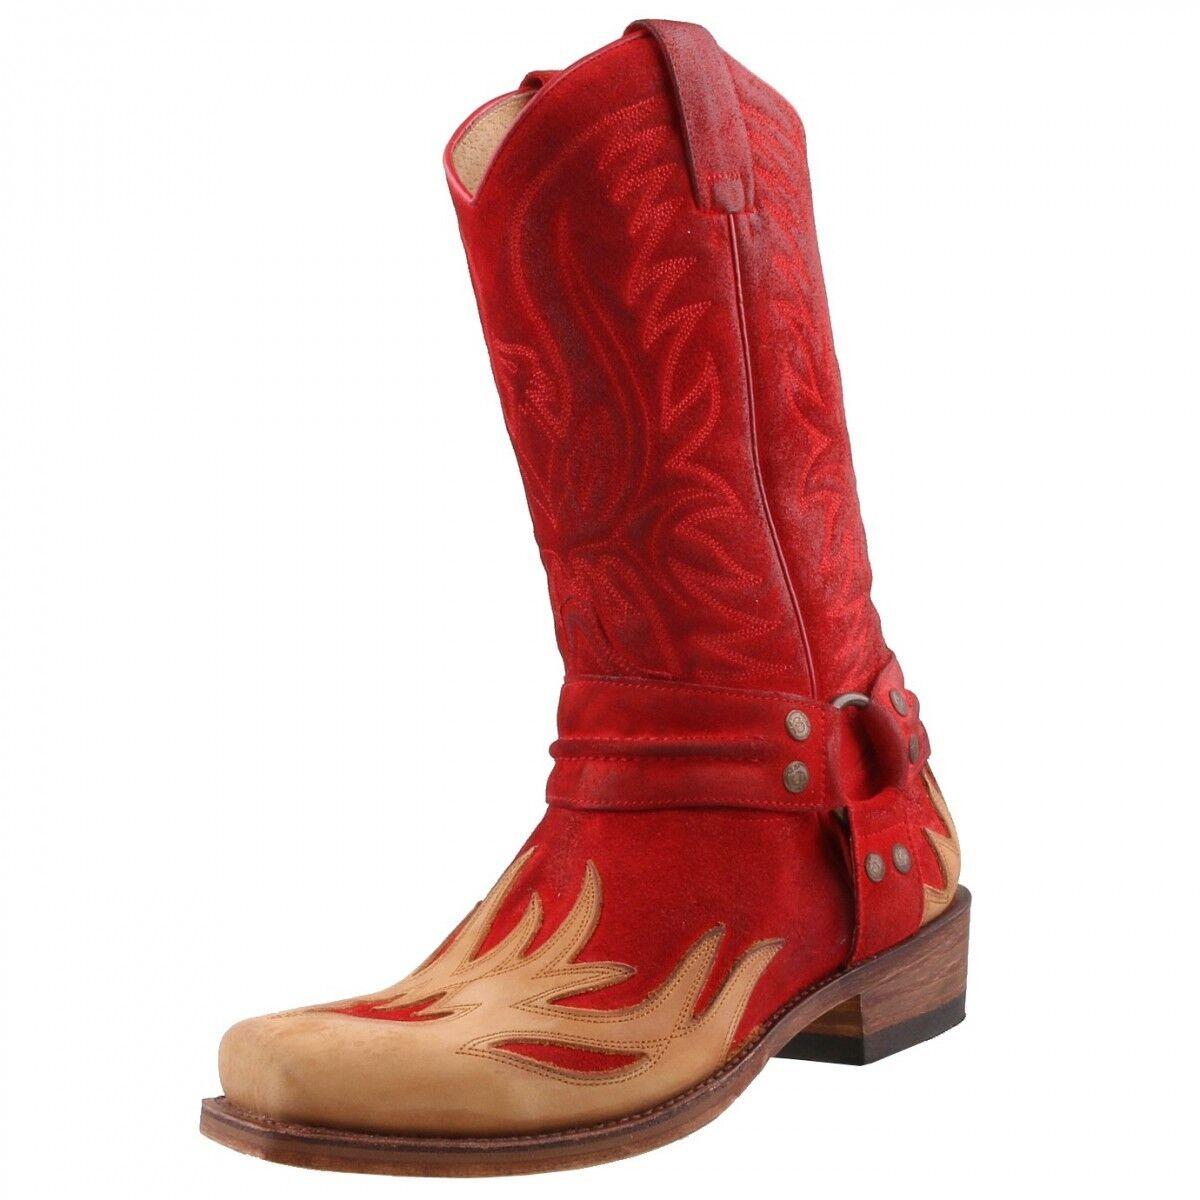 Nuevo Sendra botas Zapatos Hombre de Motociclista Piel